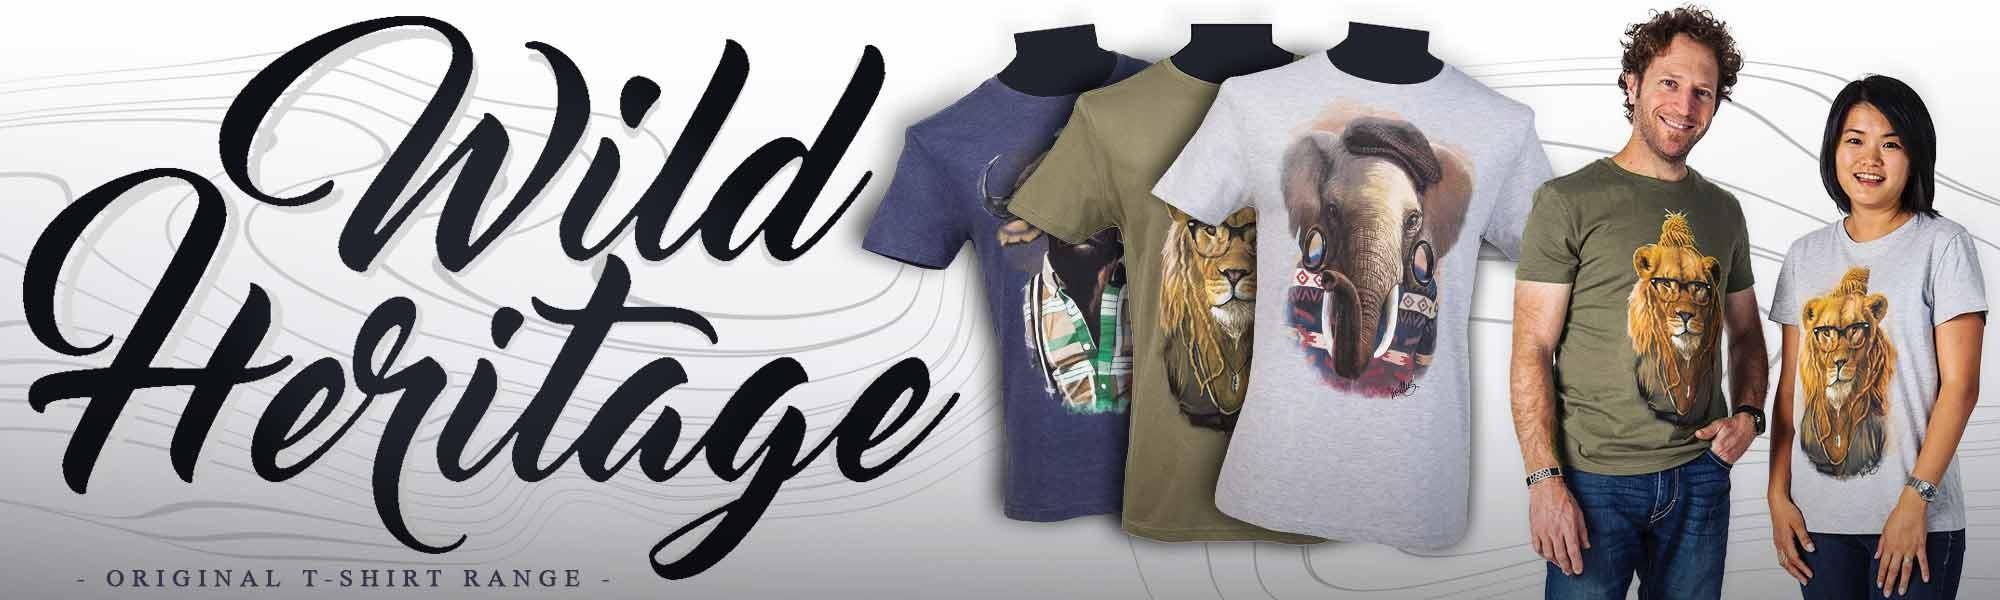 Wild Heritage T-shirt  banner